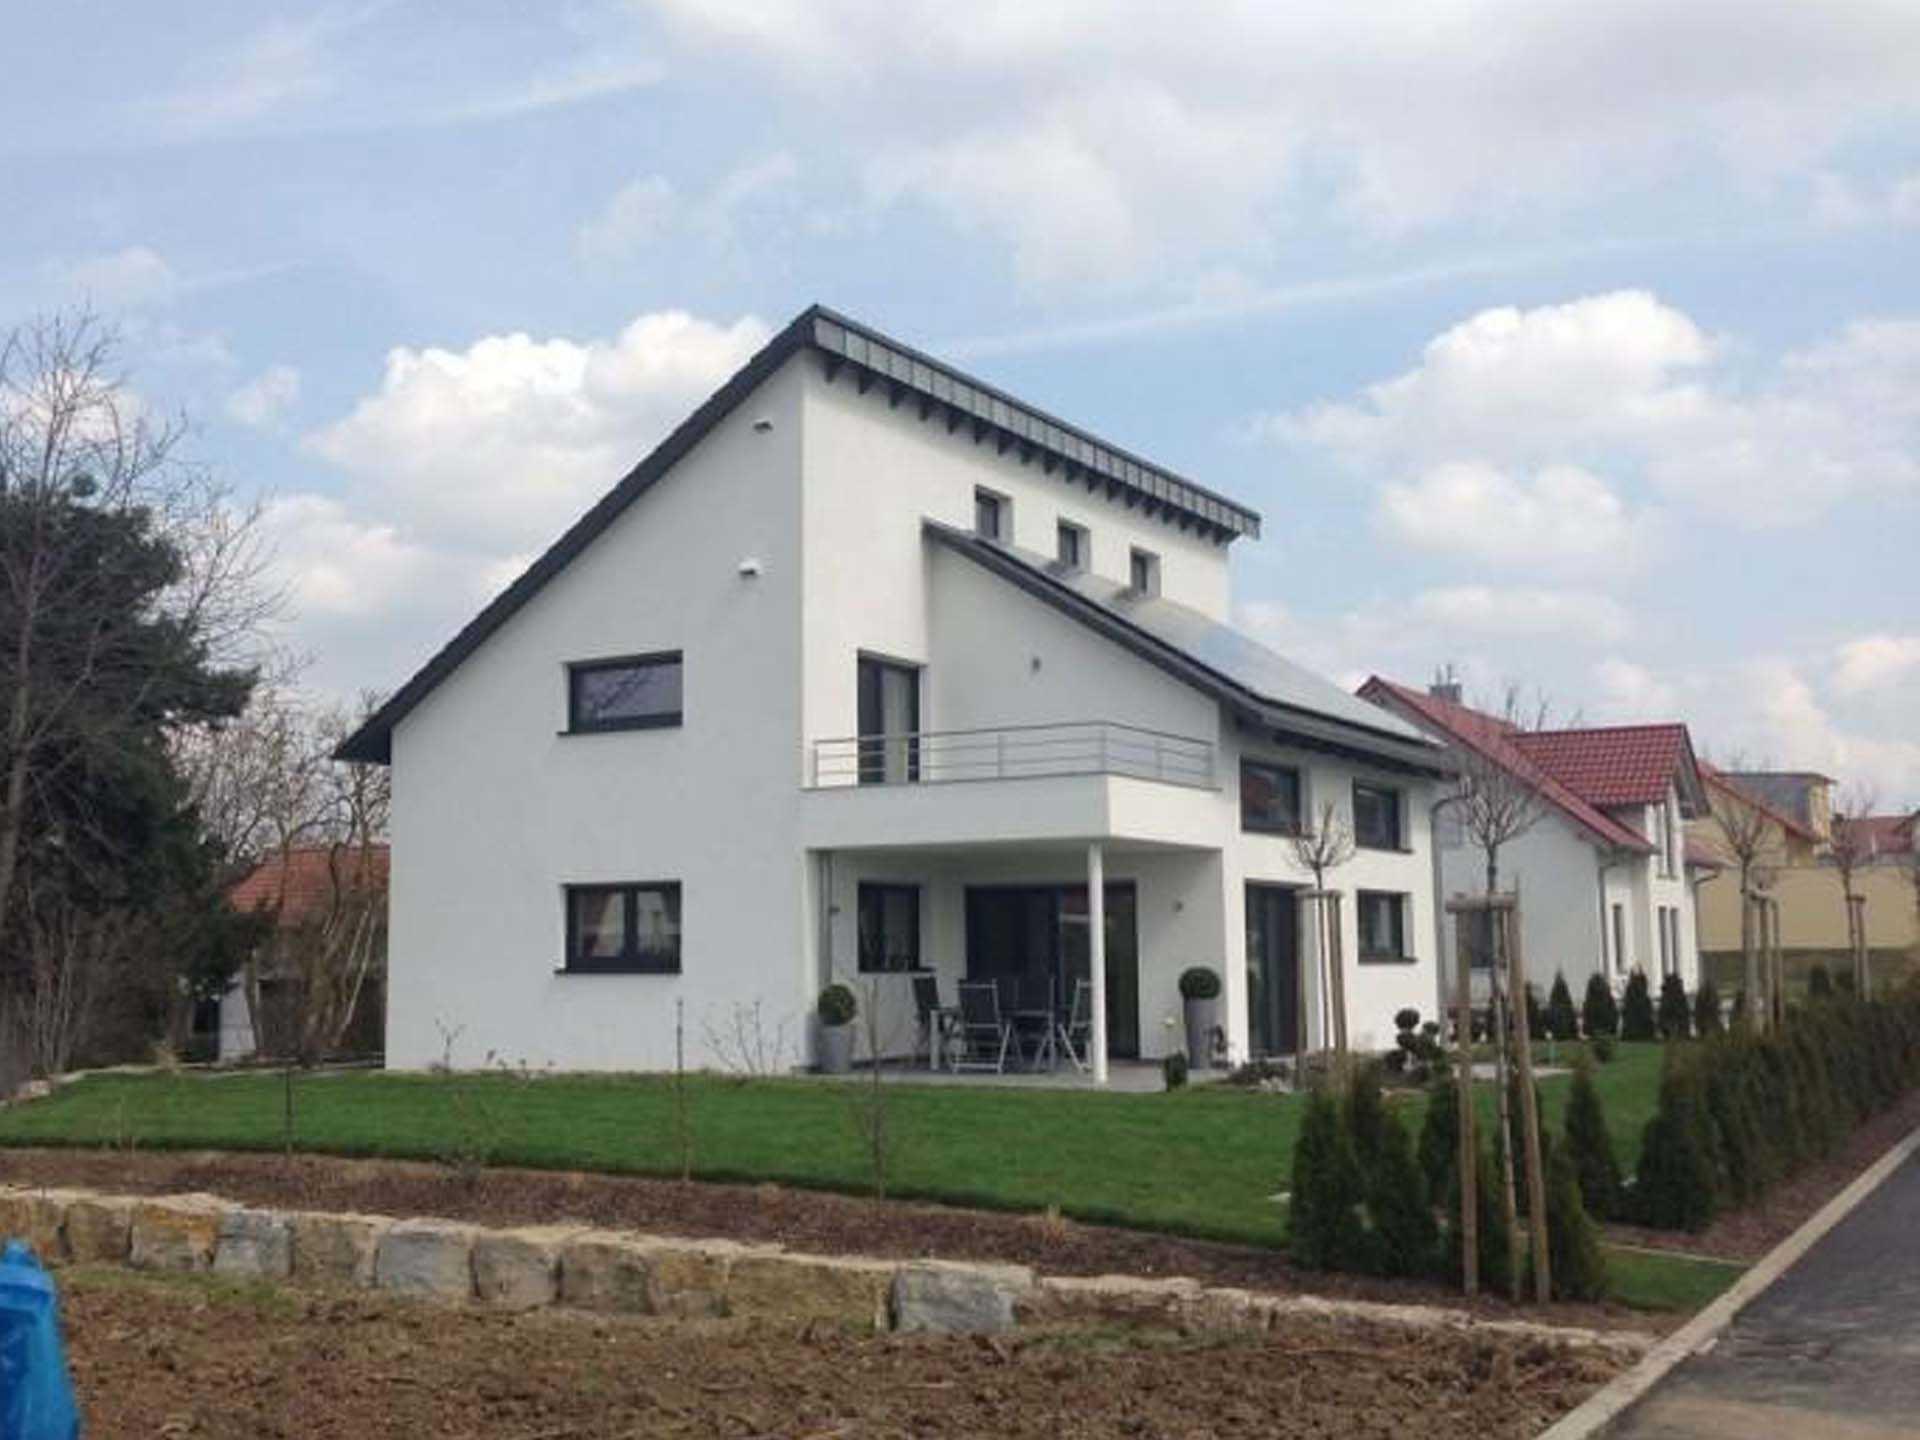 GEOBAU - Referenzhaus